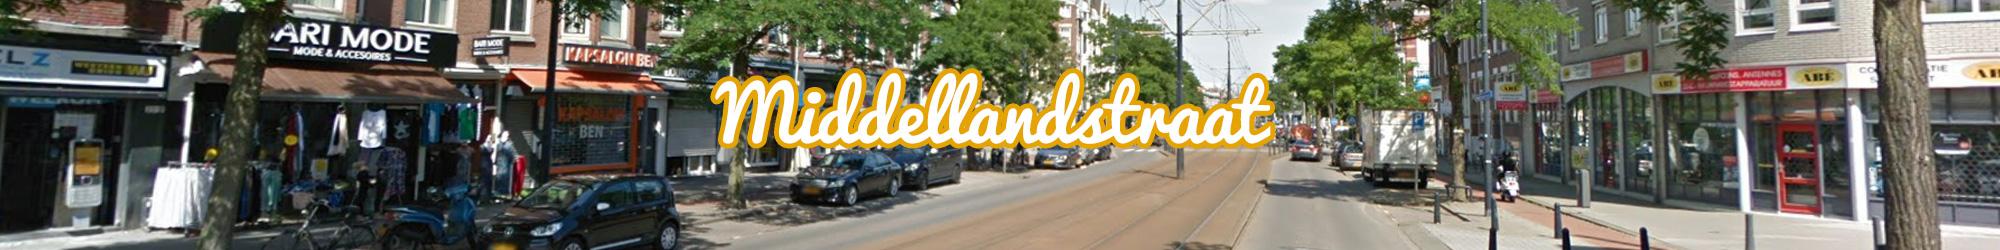 Middellandstraat - Rotterdam - Winkelen in Delfshaven